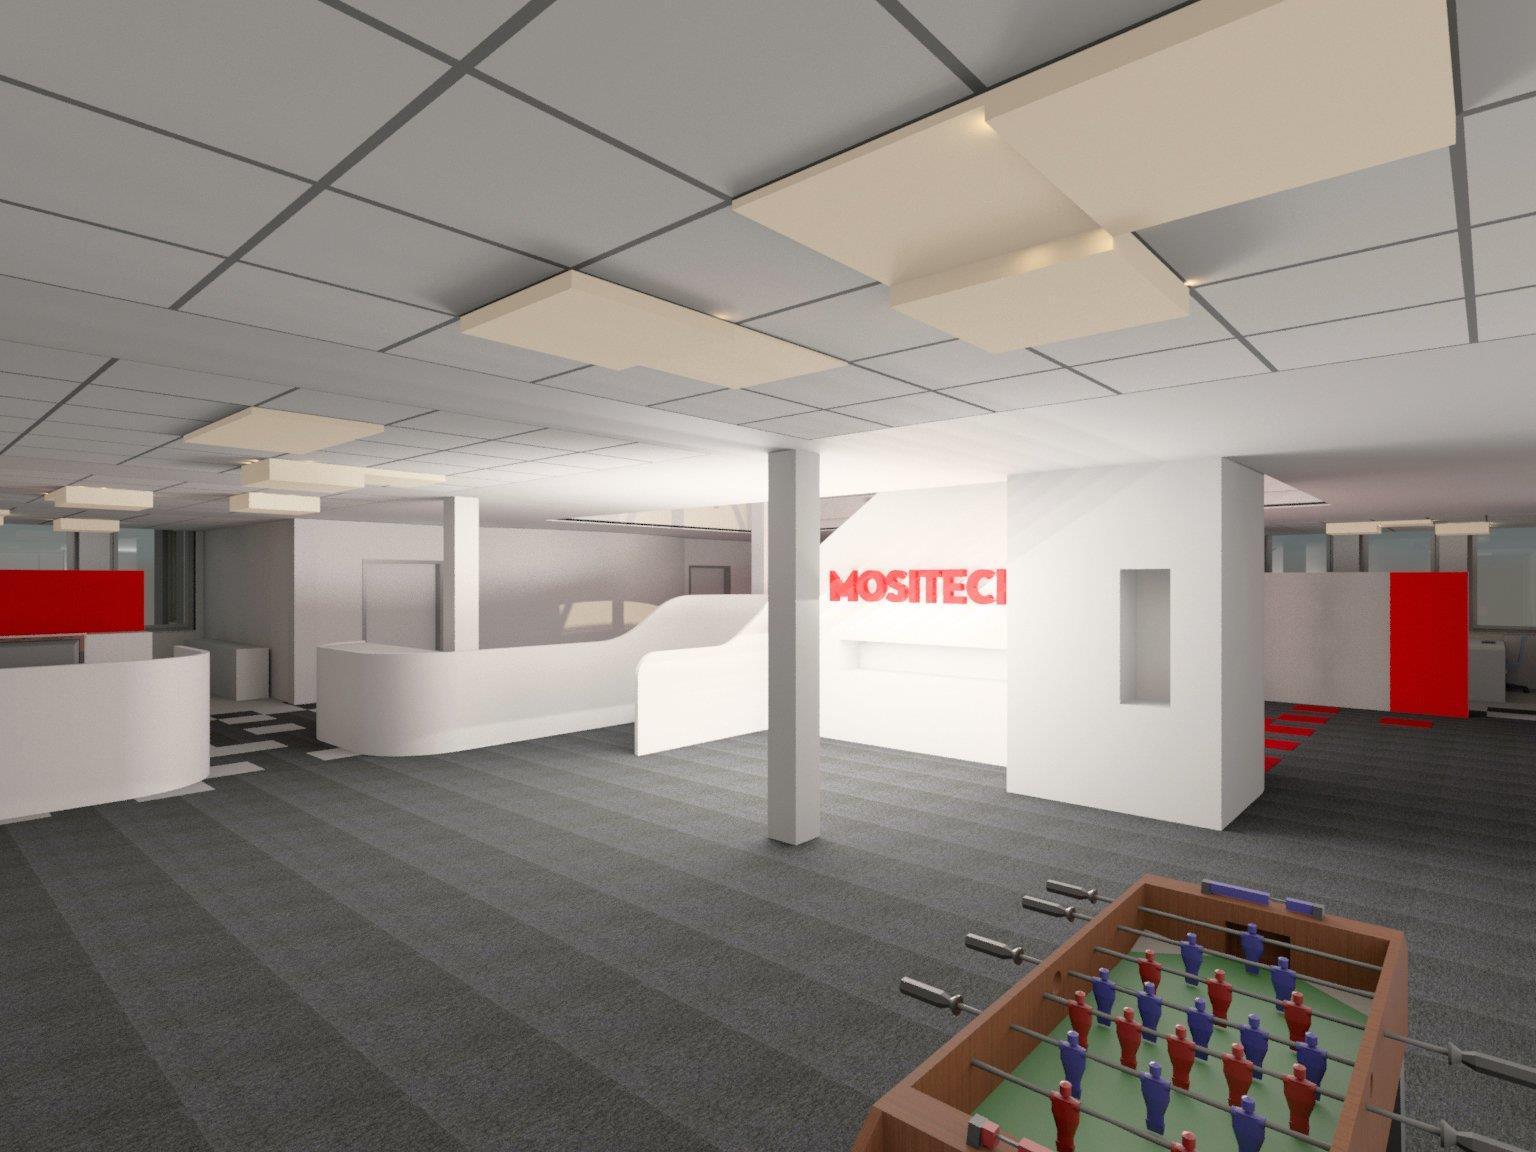 In die Mositech-Zentrale in Dornbirn werden 2,7 Millionen Euro investiert.